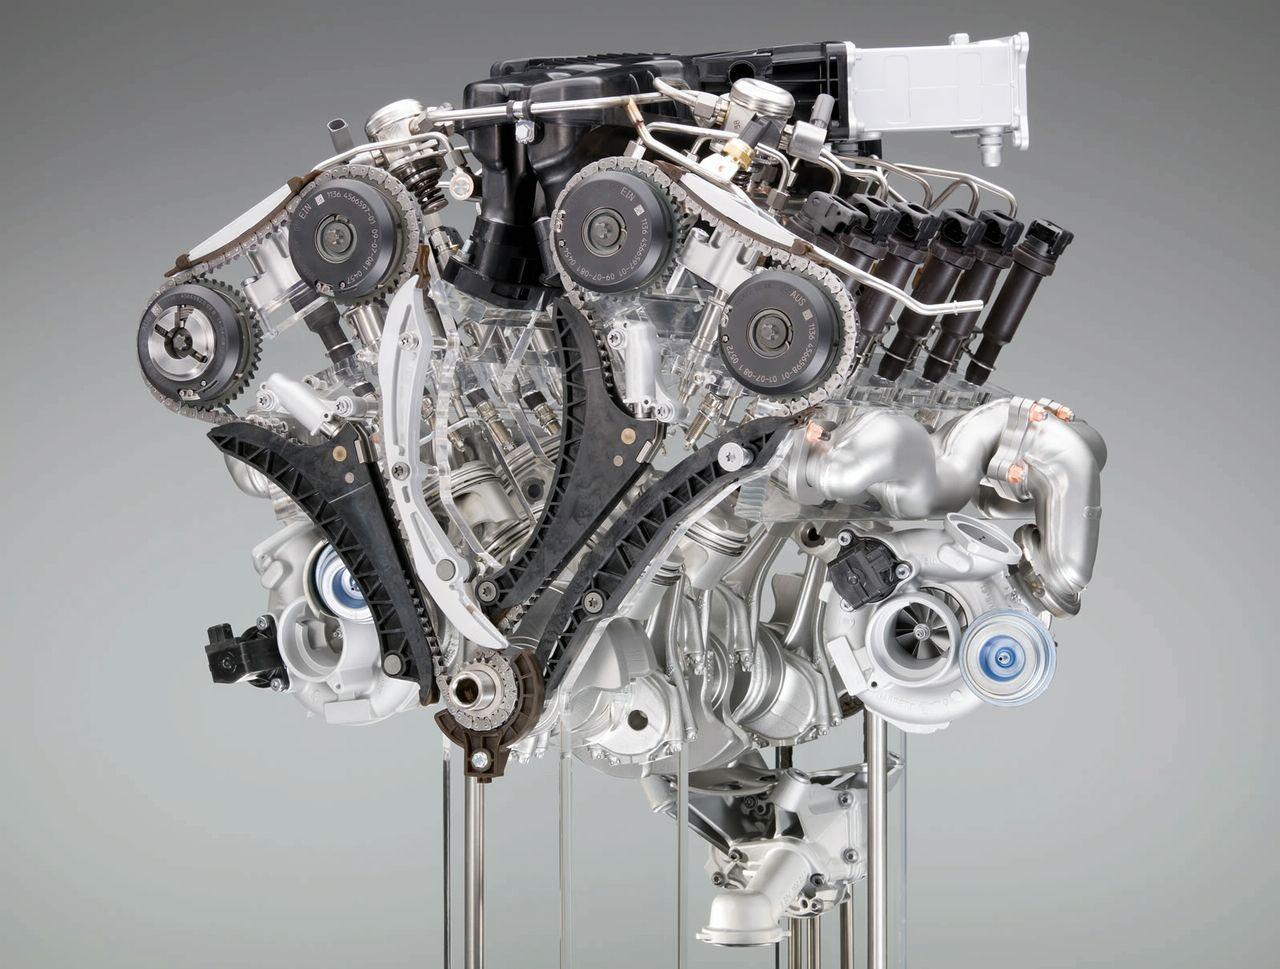 Bmw V12 760i Liter Engine